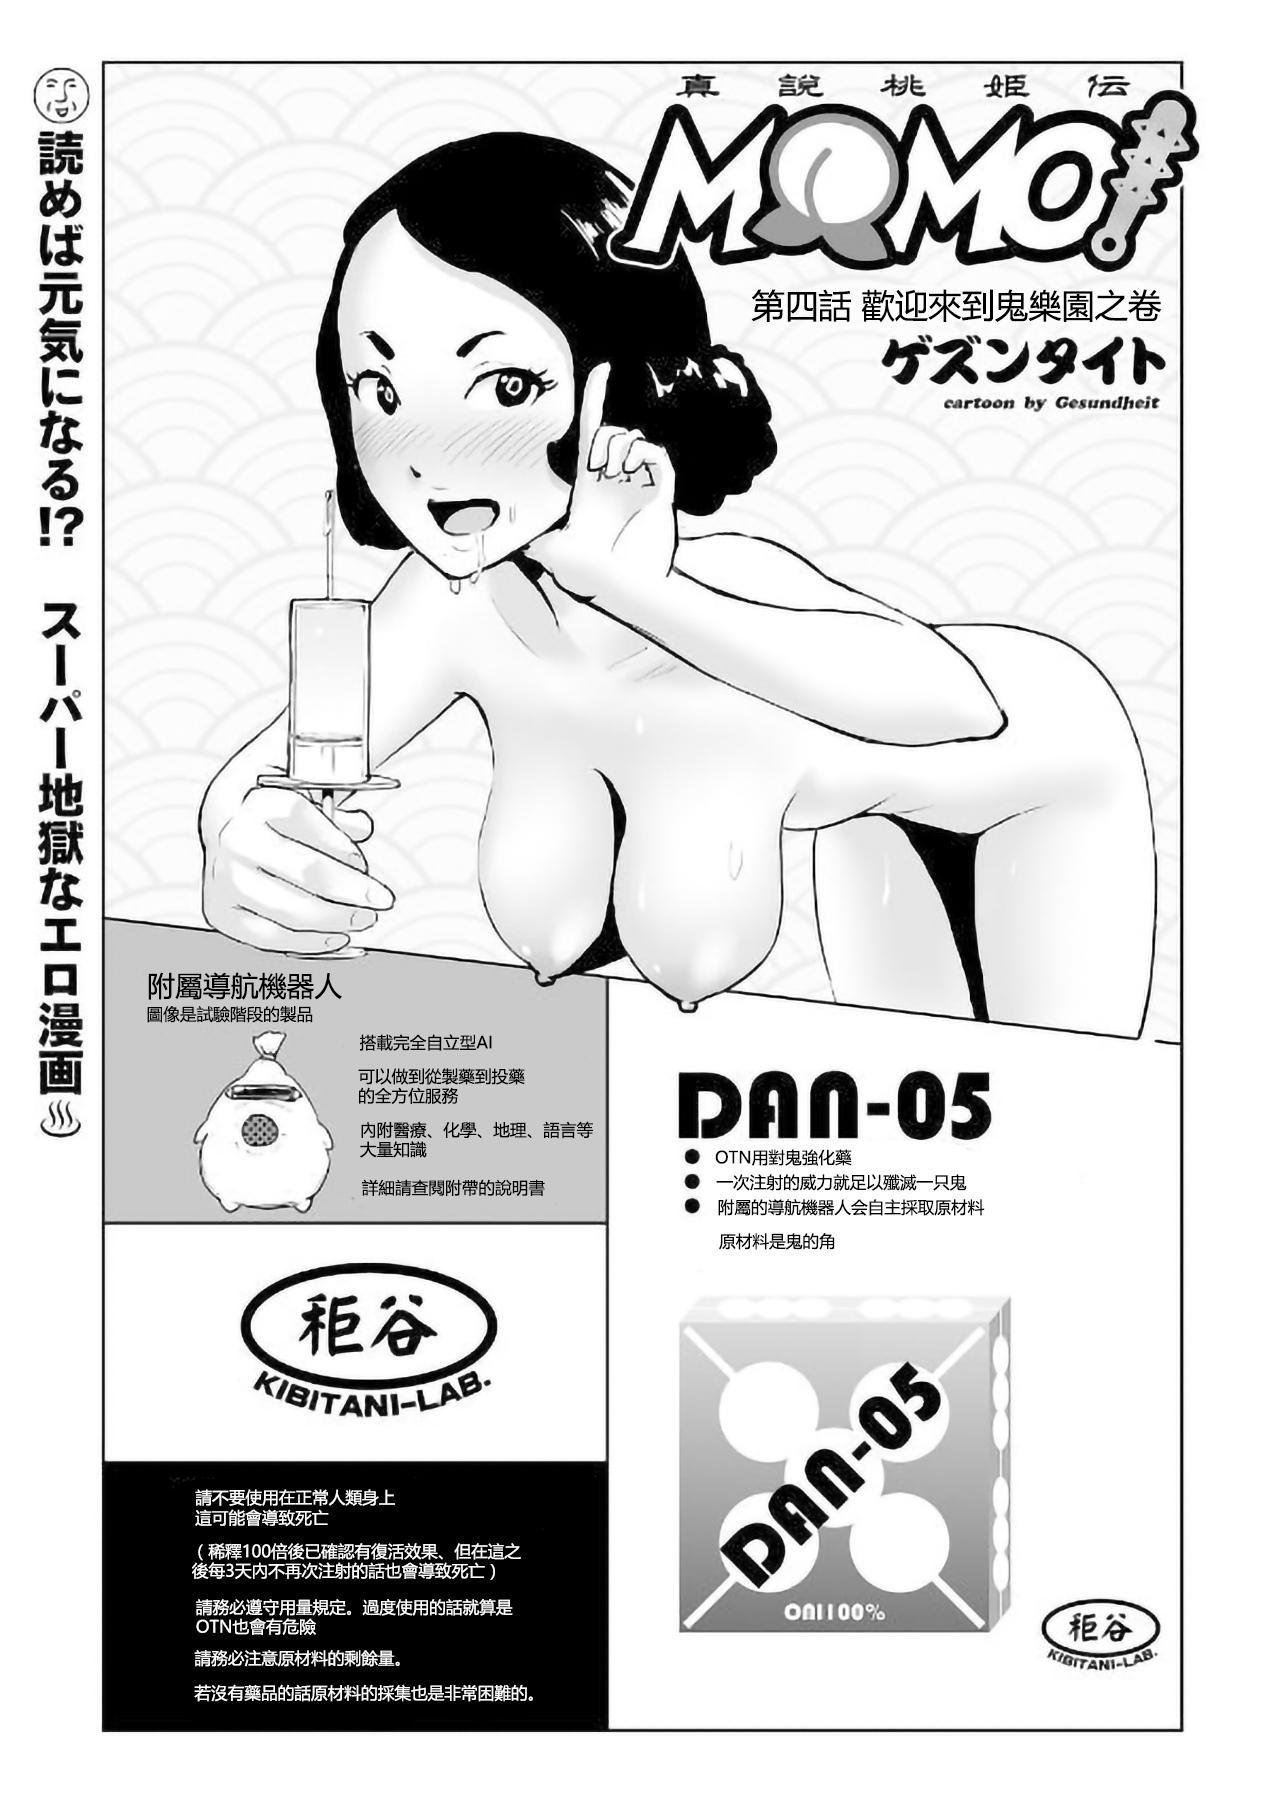 MOMO! Daiyonwa Youkoso Oniland no Maki 1